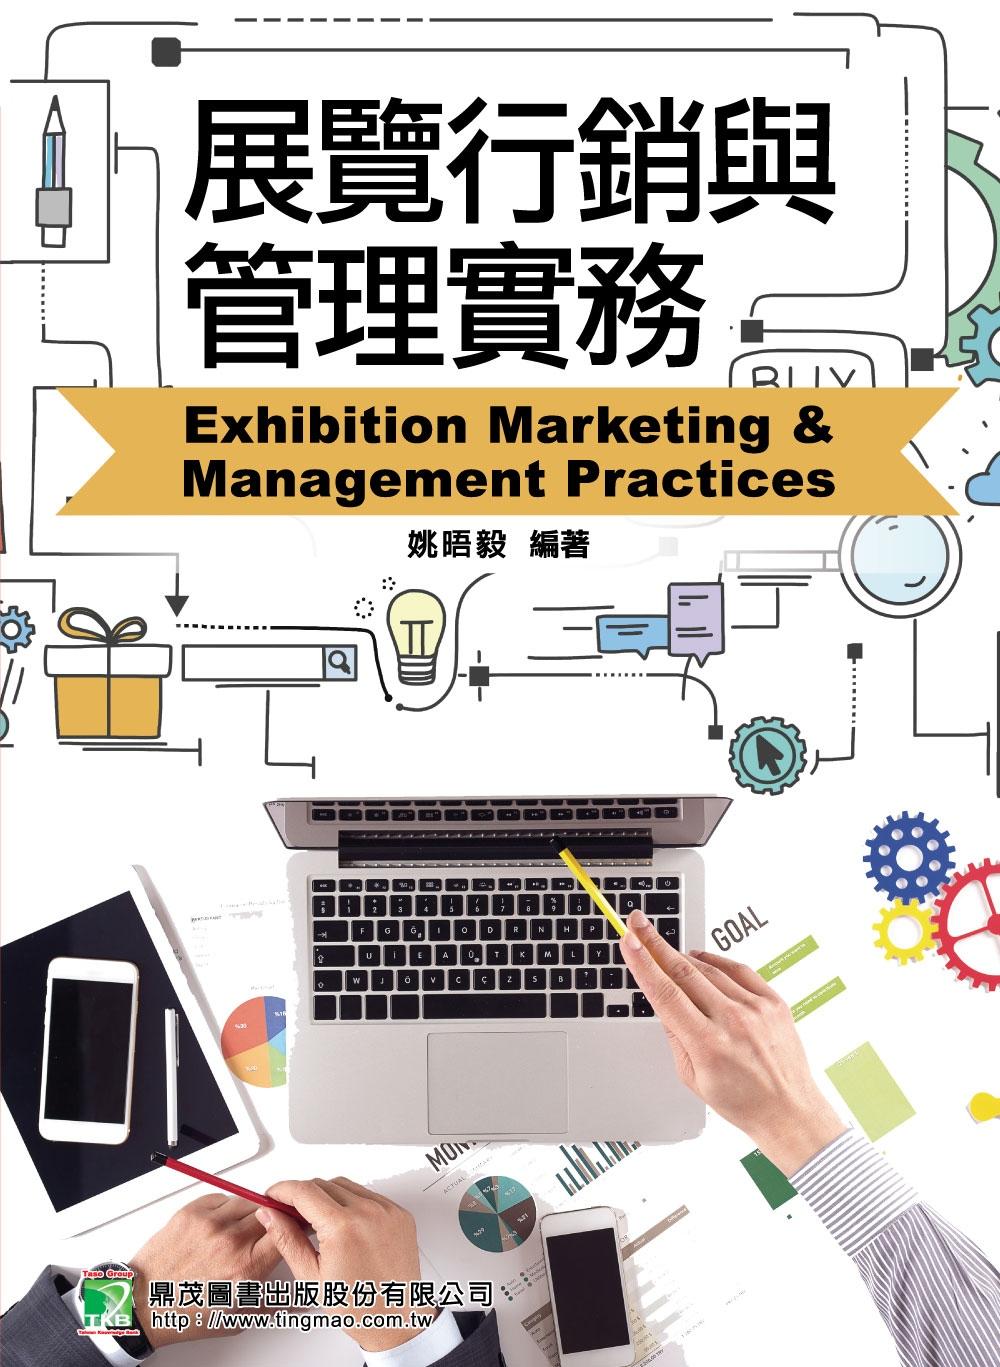 展覽行銷與管理實務(4版)